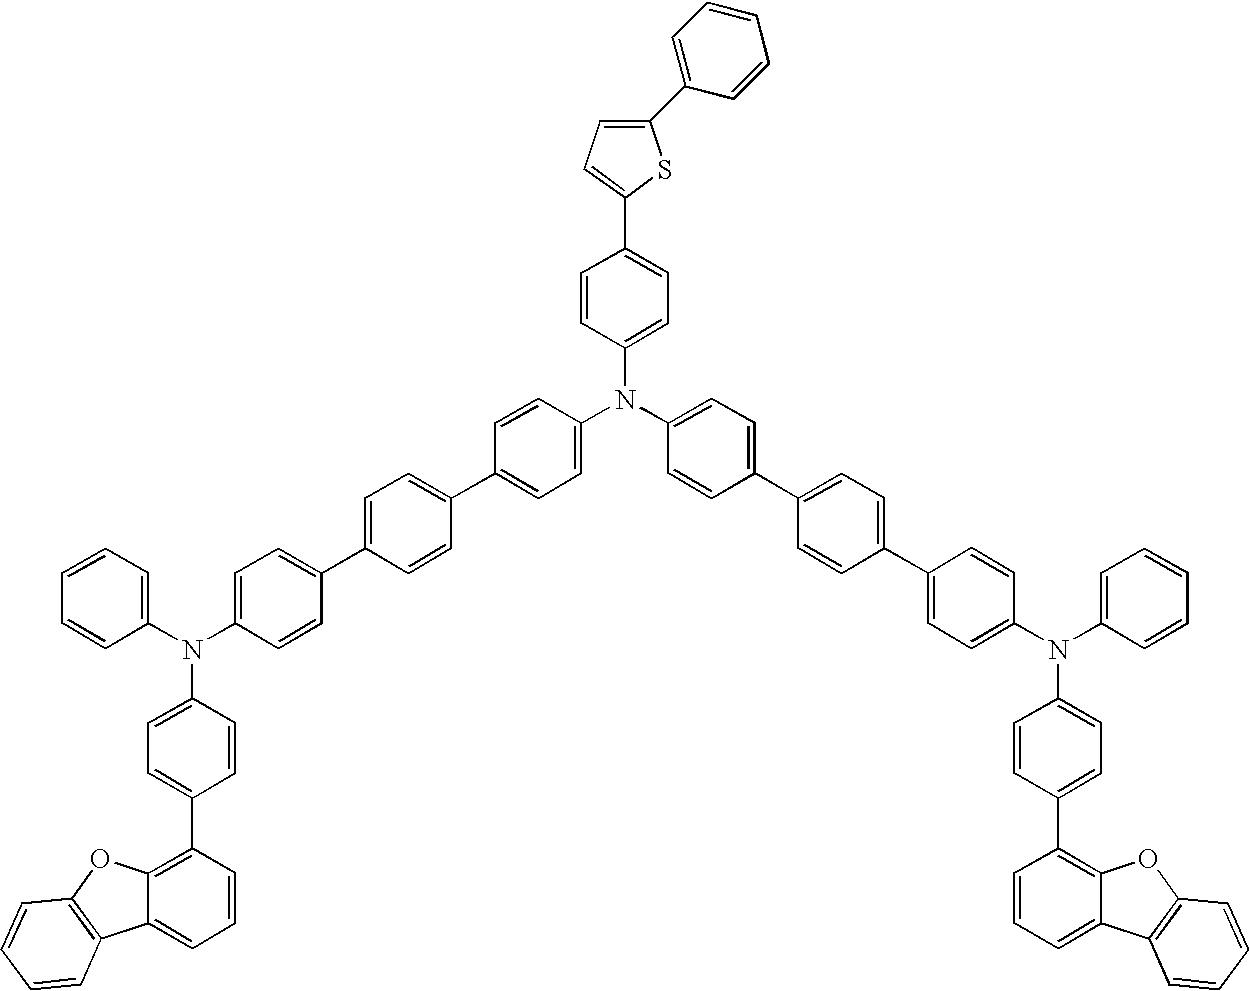 Figure US20090066235A1-20090312-C00041